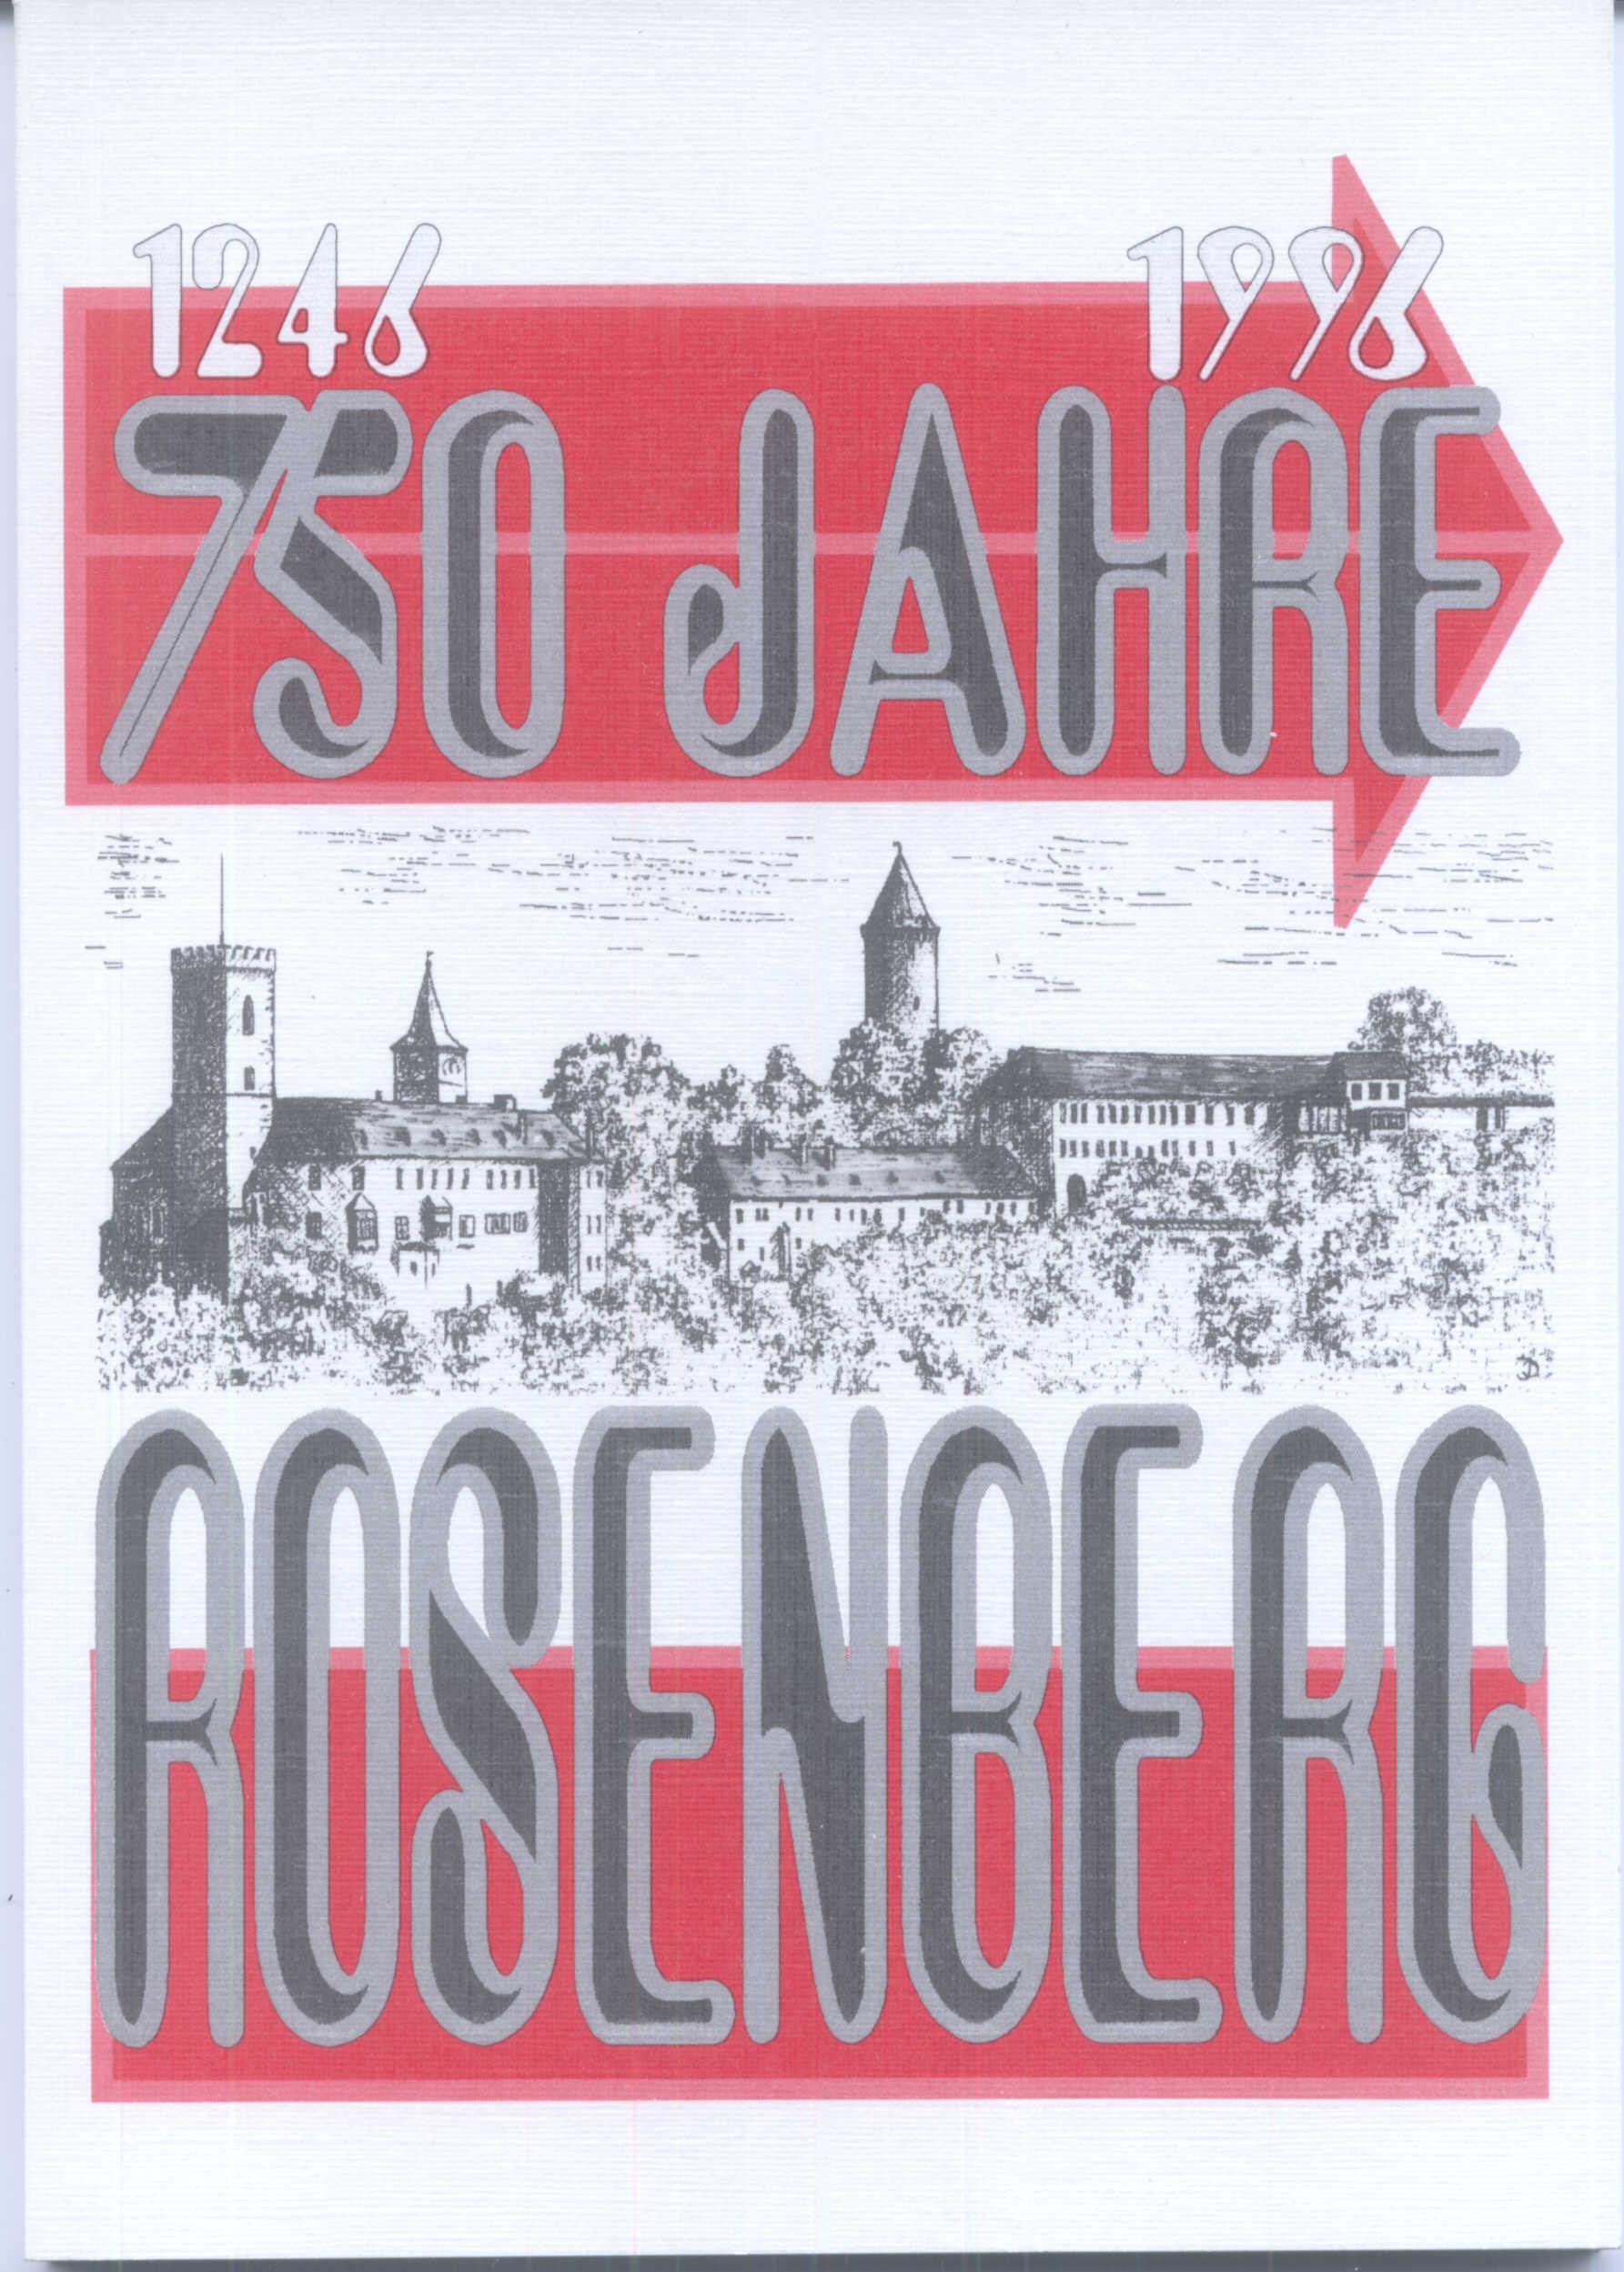 Frontseite Buch 750 Jahre Rosenberg